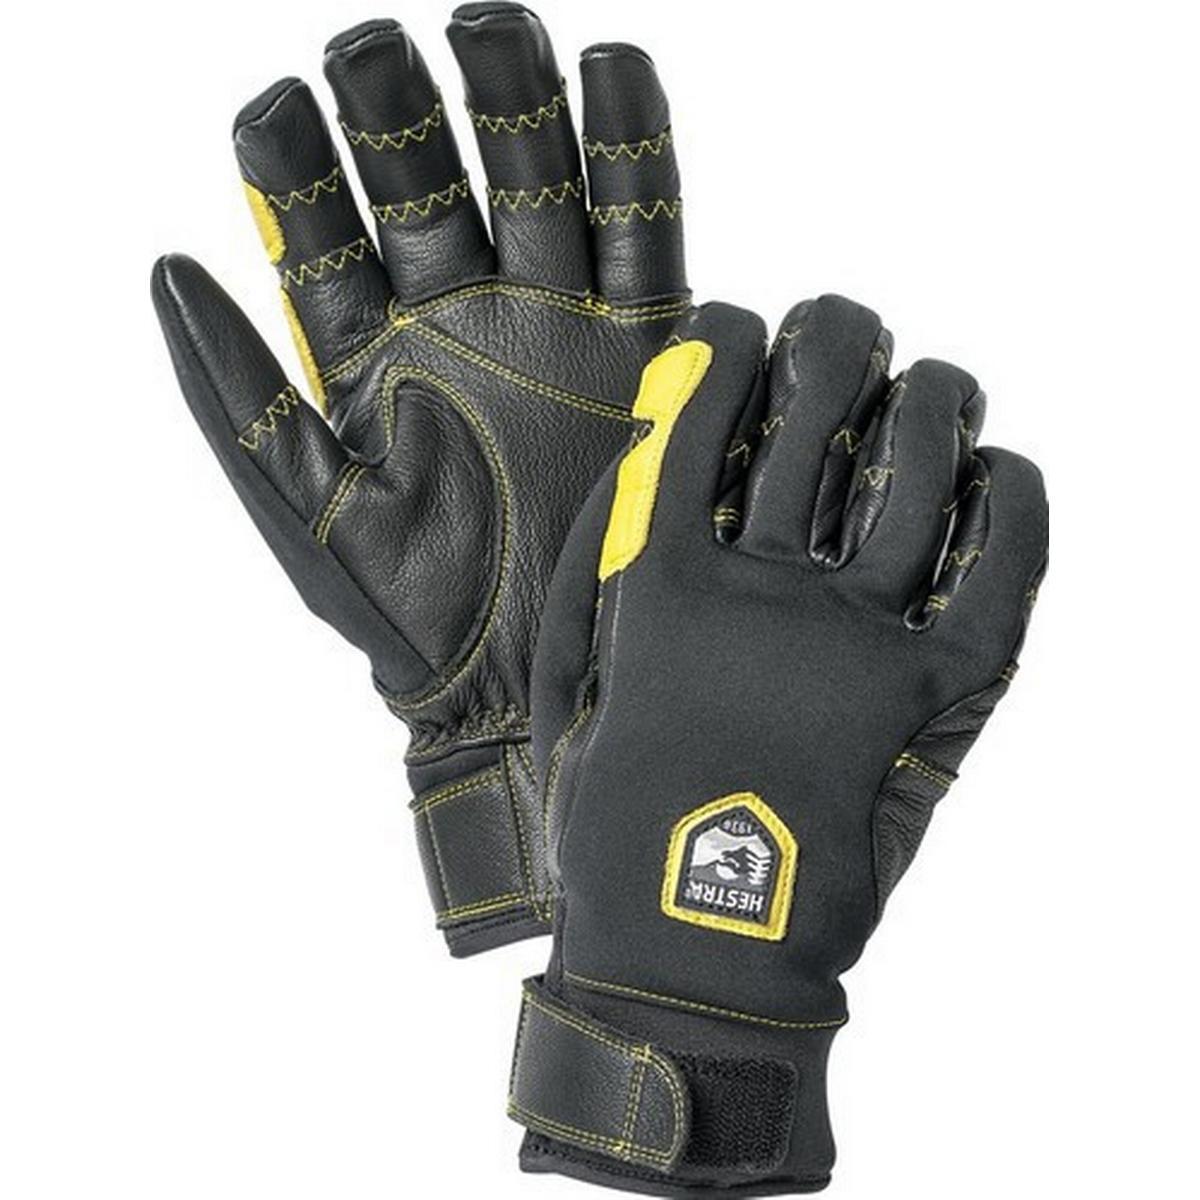 08492397093 Hestra Sportstøj - Sammenlign priser hos PriceRunner